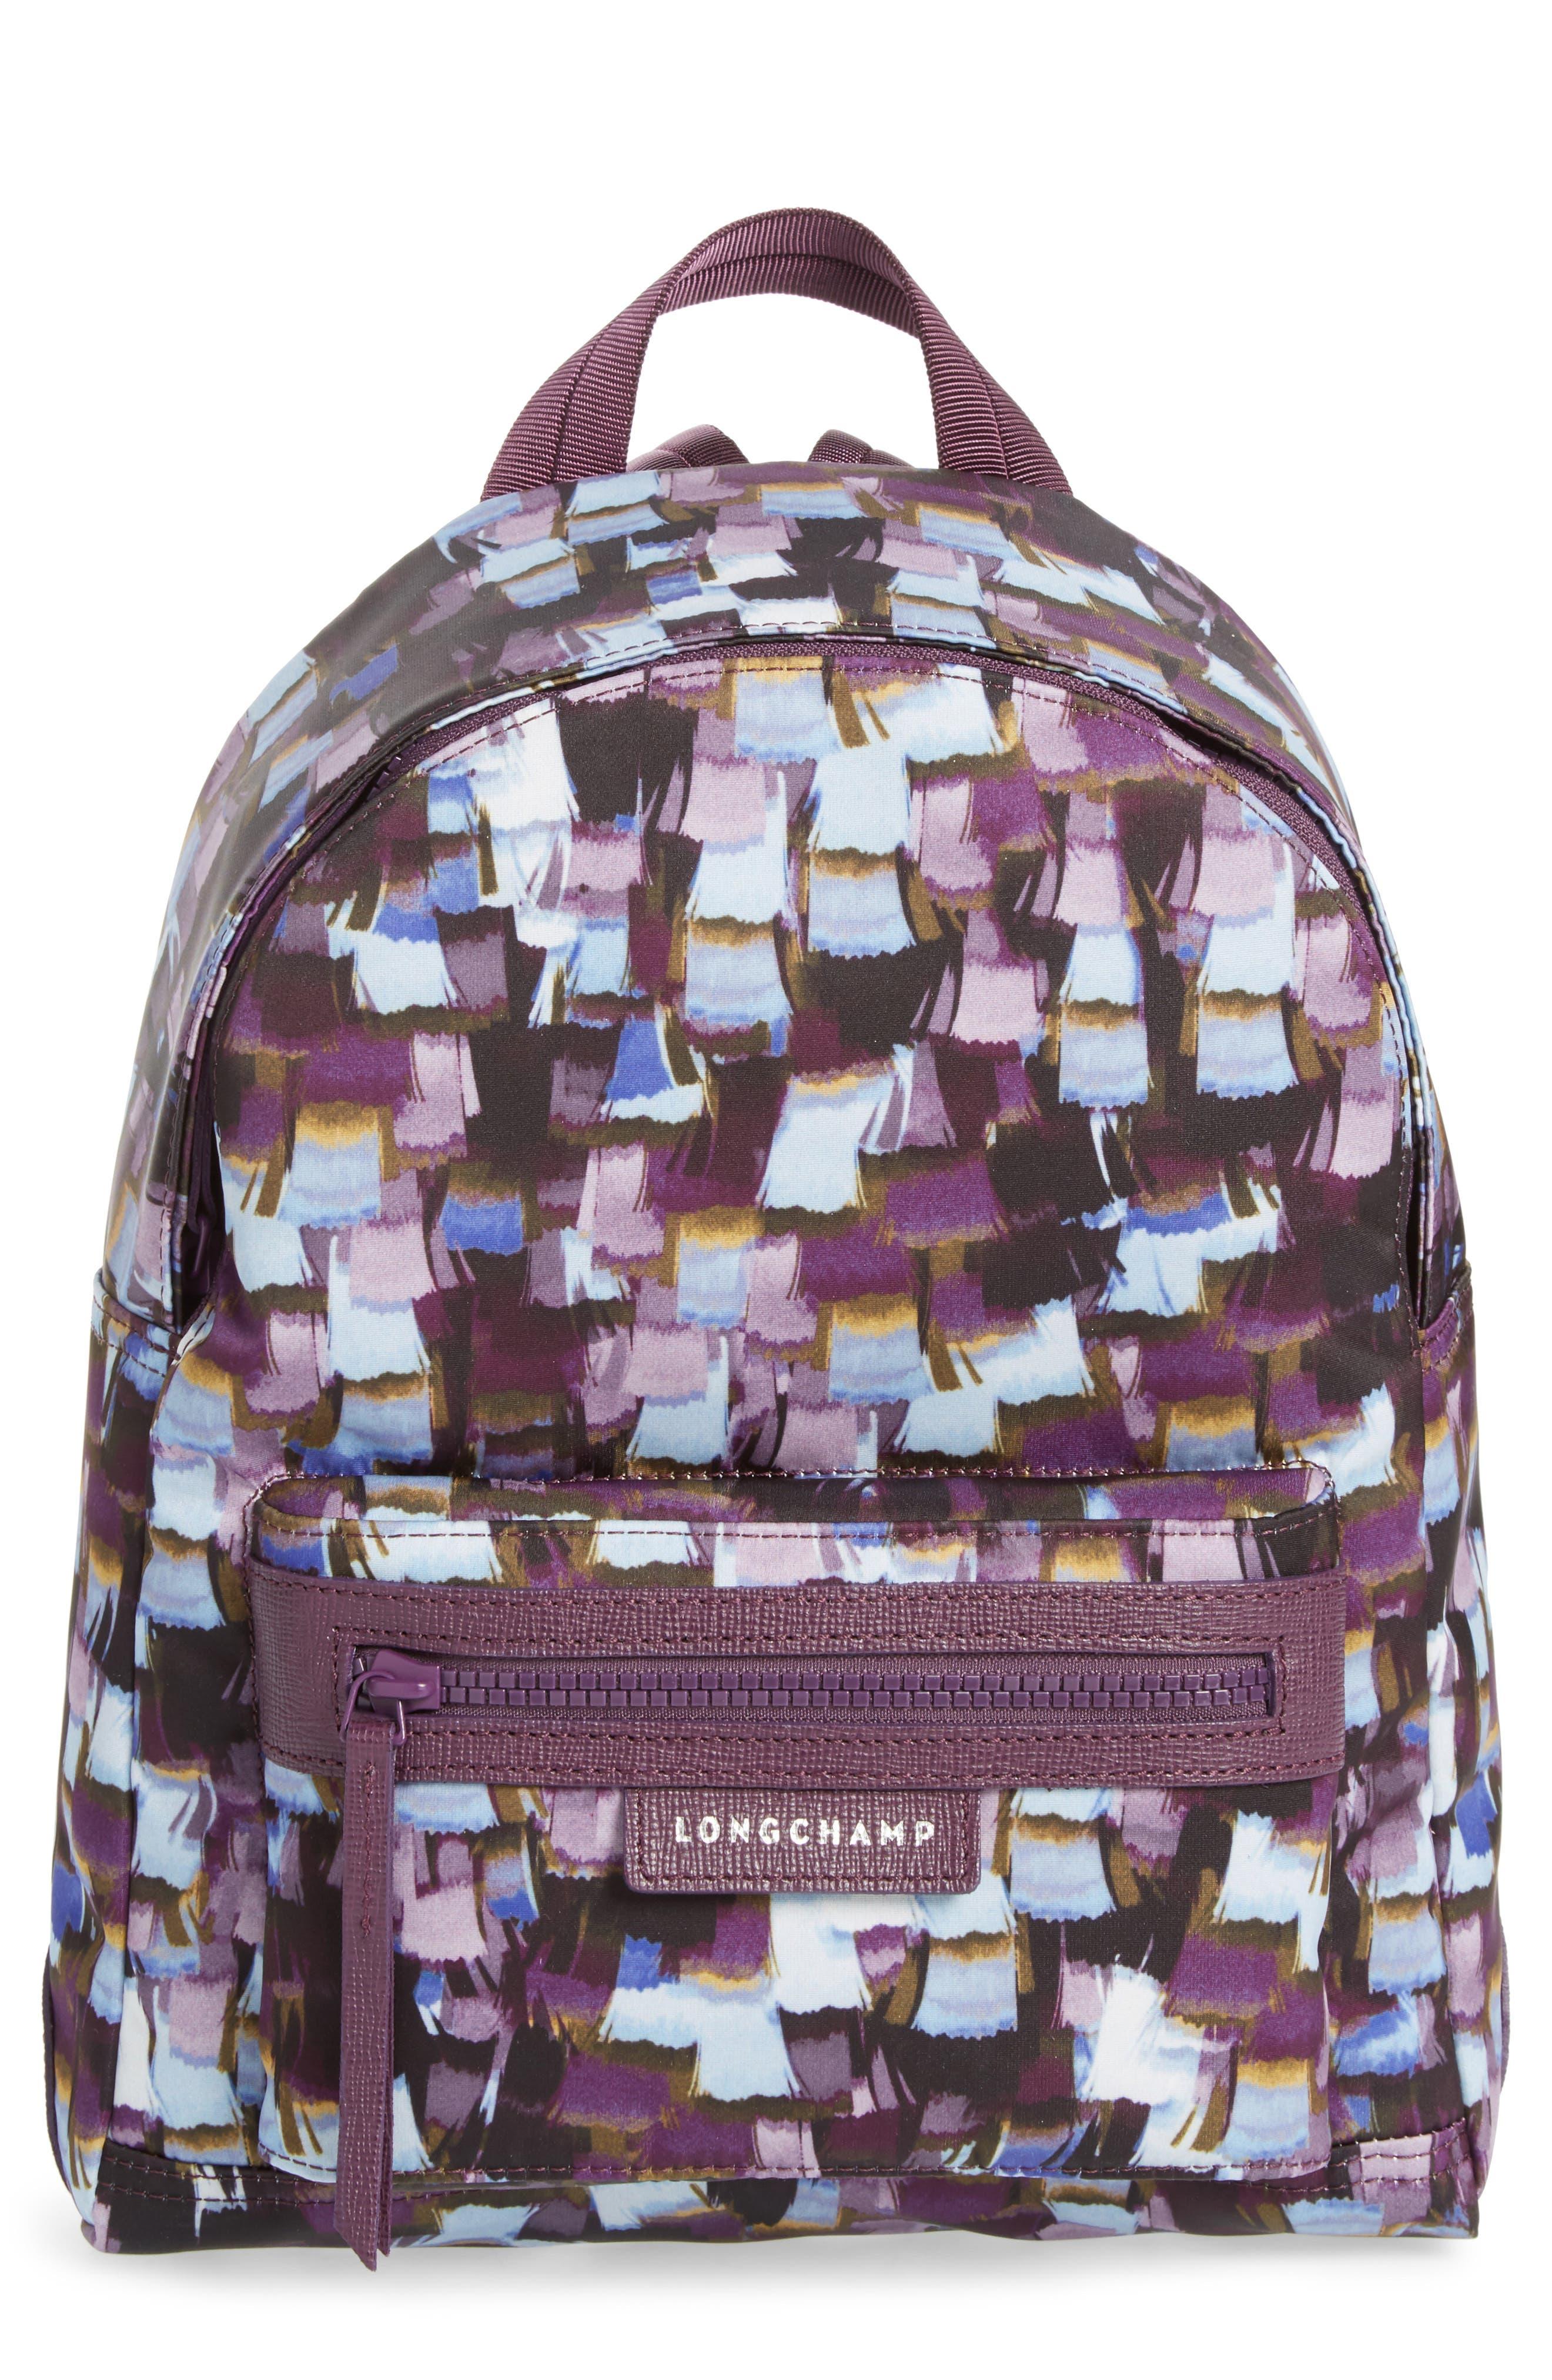 Le Pliage Neo - Vibrations Nylon Backpack,                         Main,                         color, Deep Purple